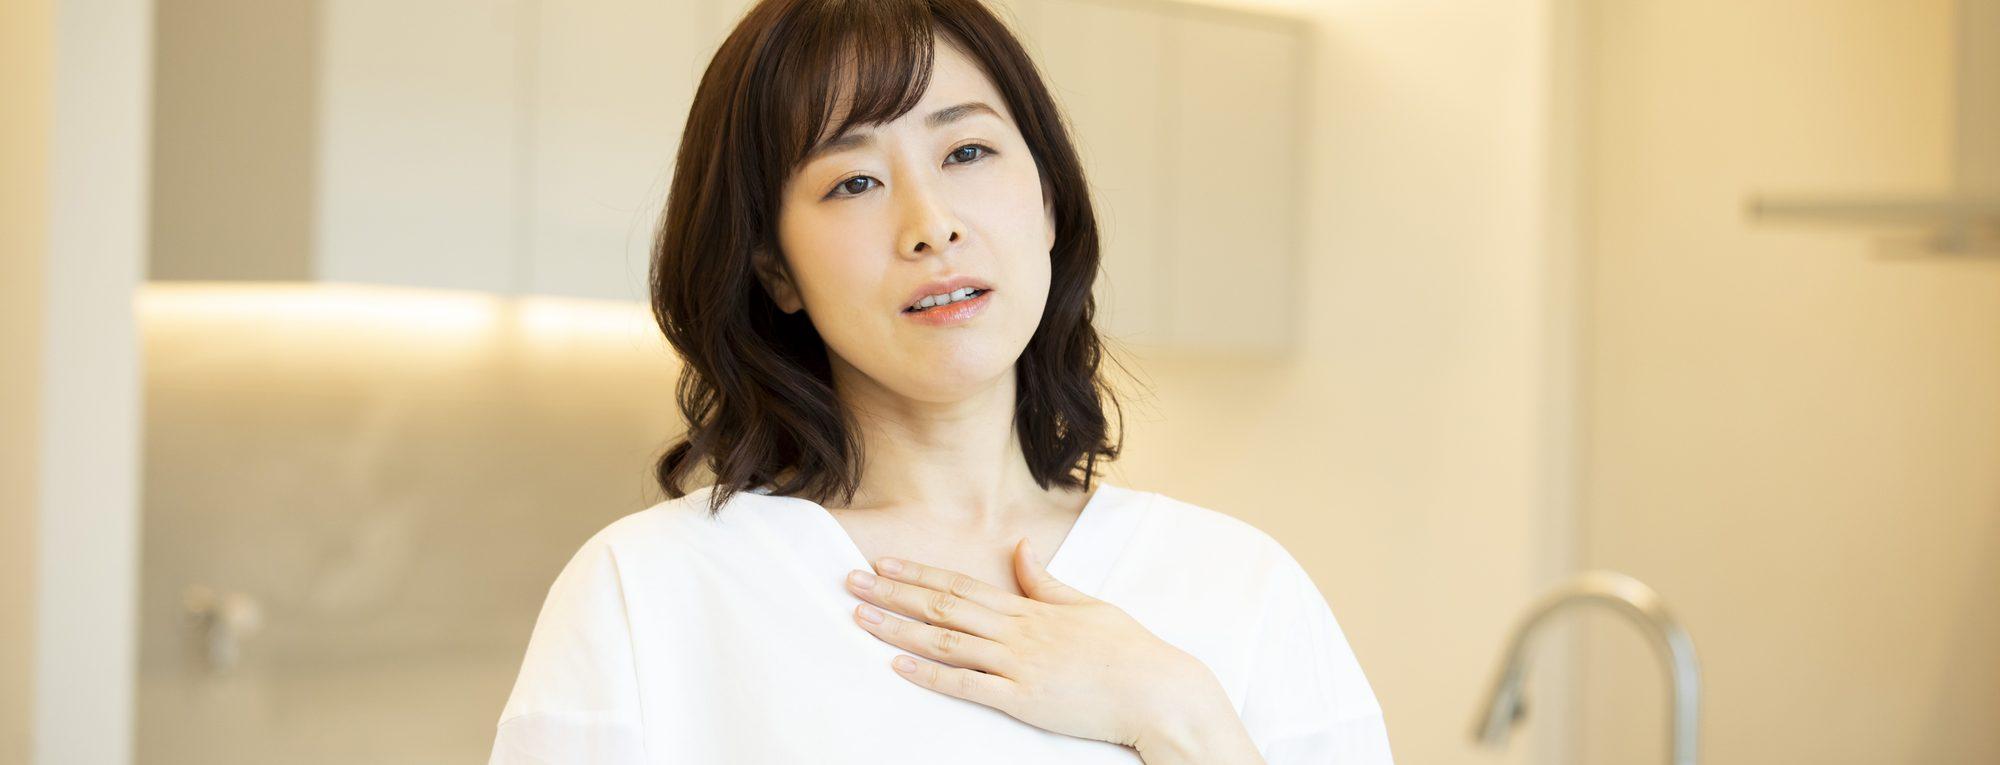 甲状腺機能亢進で現れる症状|甲状腺のお悩みは、泉大沢ファミリークリニック